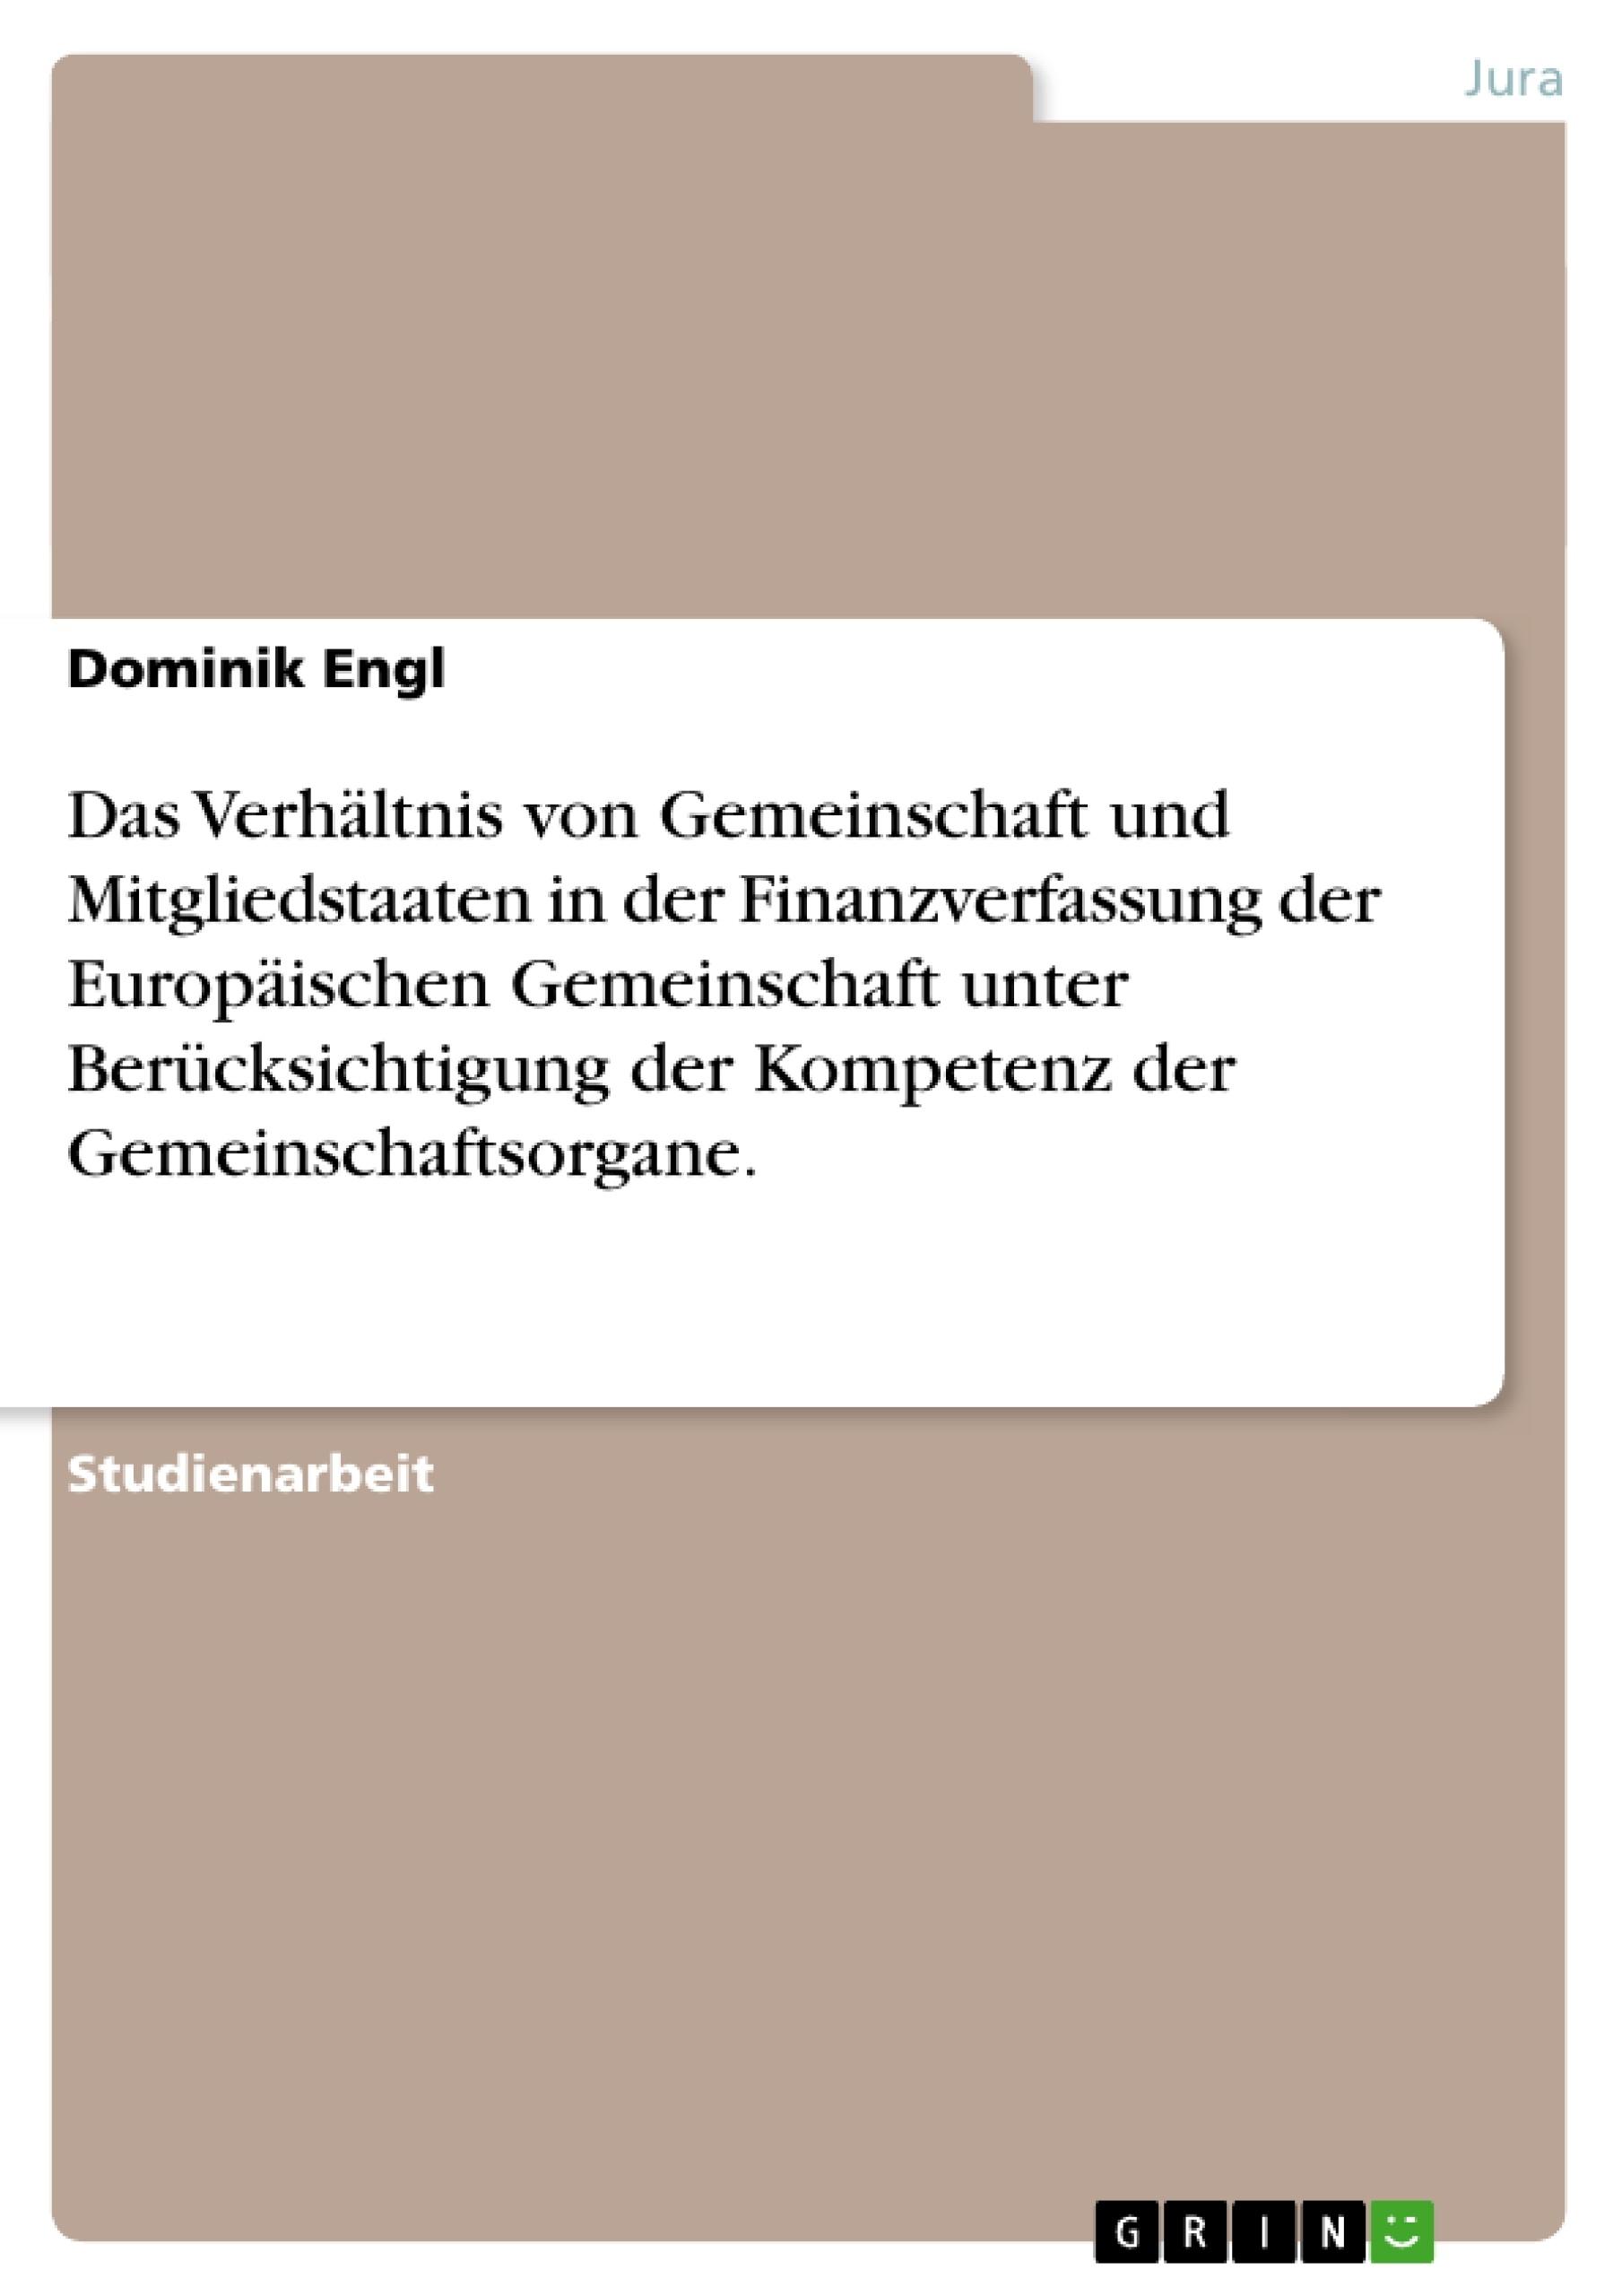 Titel: Das Verhältnis von Gemeinschaft und Mitgliedstaaten in der Finanzverfassung der Europäischen Gemeinschaft unter Berücksichtigung der Kompetenz der Gemeinschaftsorgane.